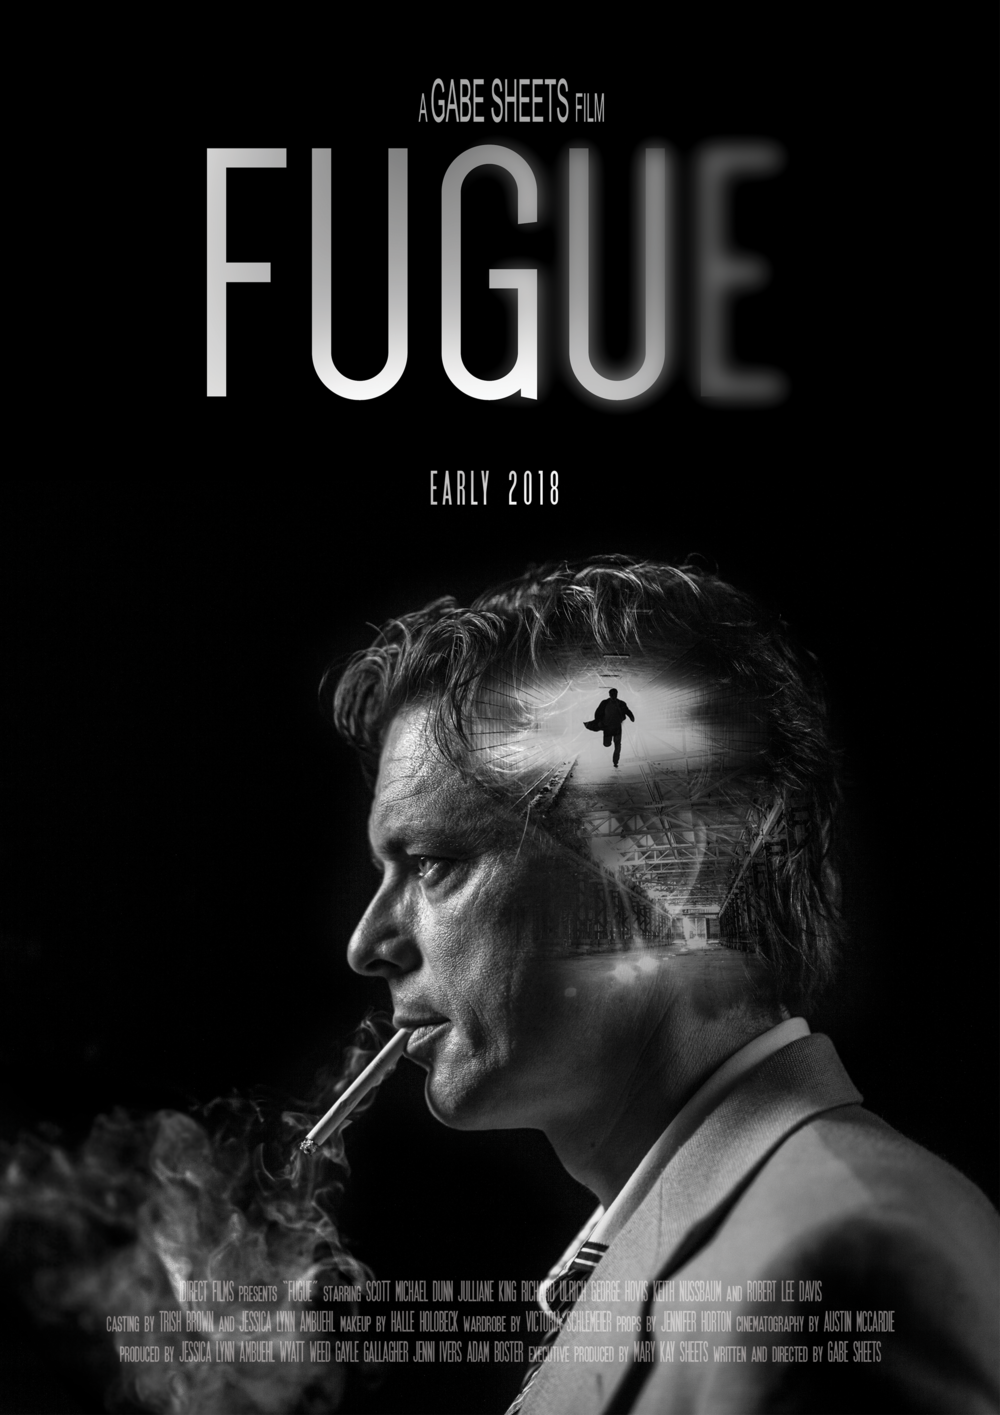 Fugue Poster - credits - text edit v35.png